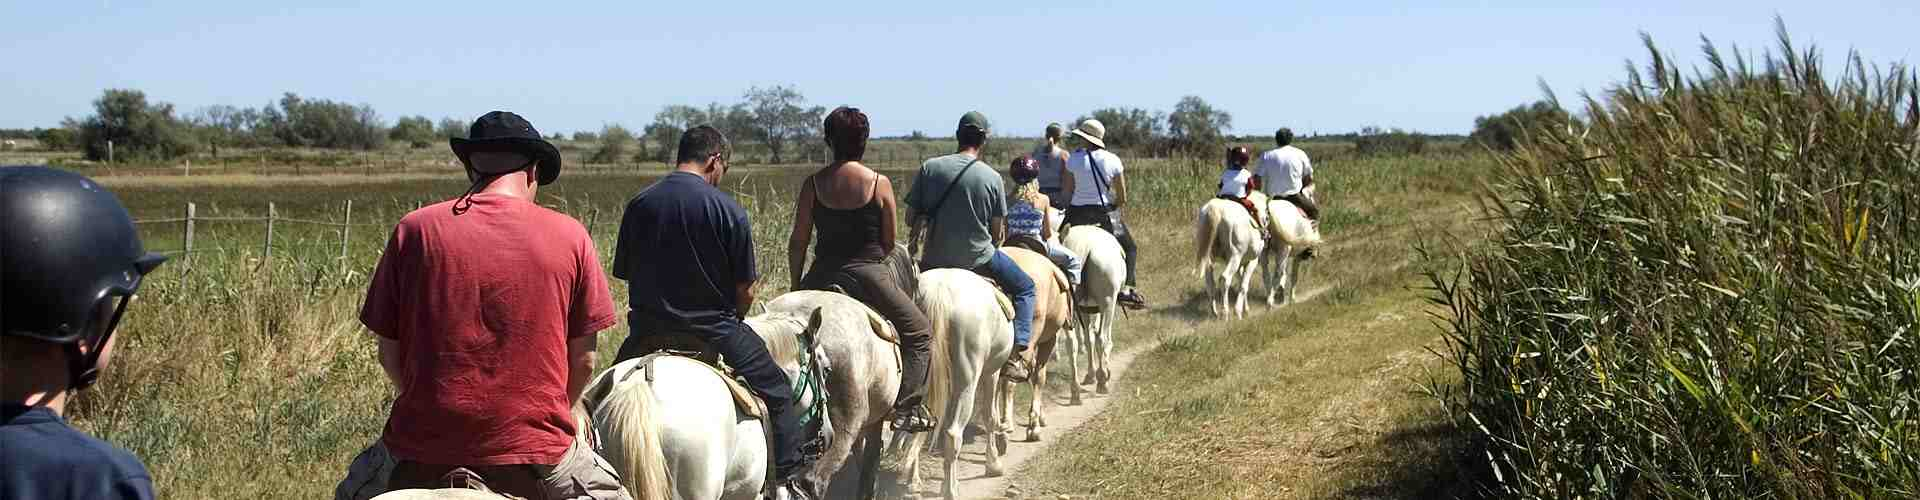 paseos caballo en centrosdeportes de A Capela